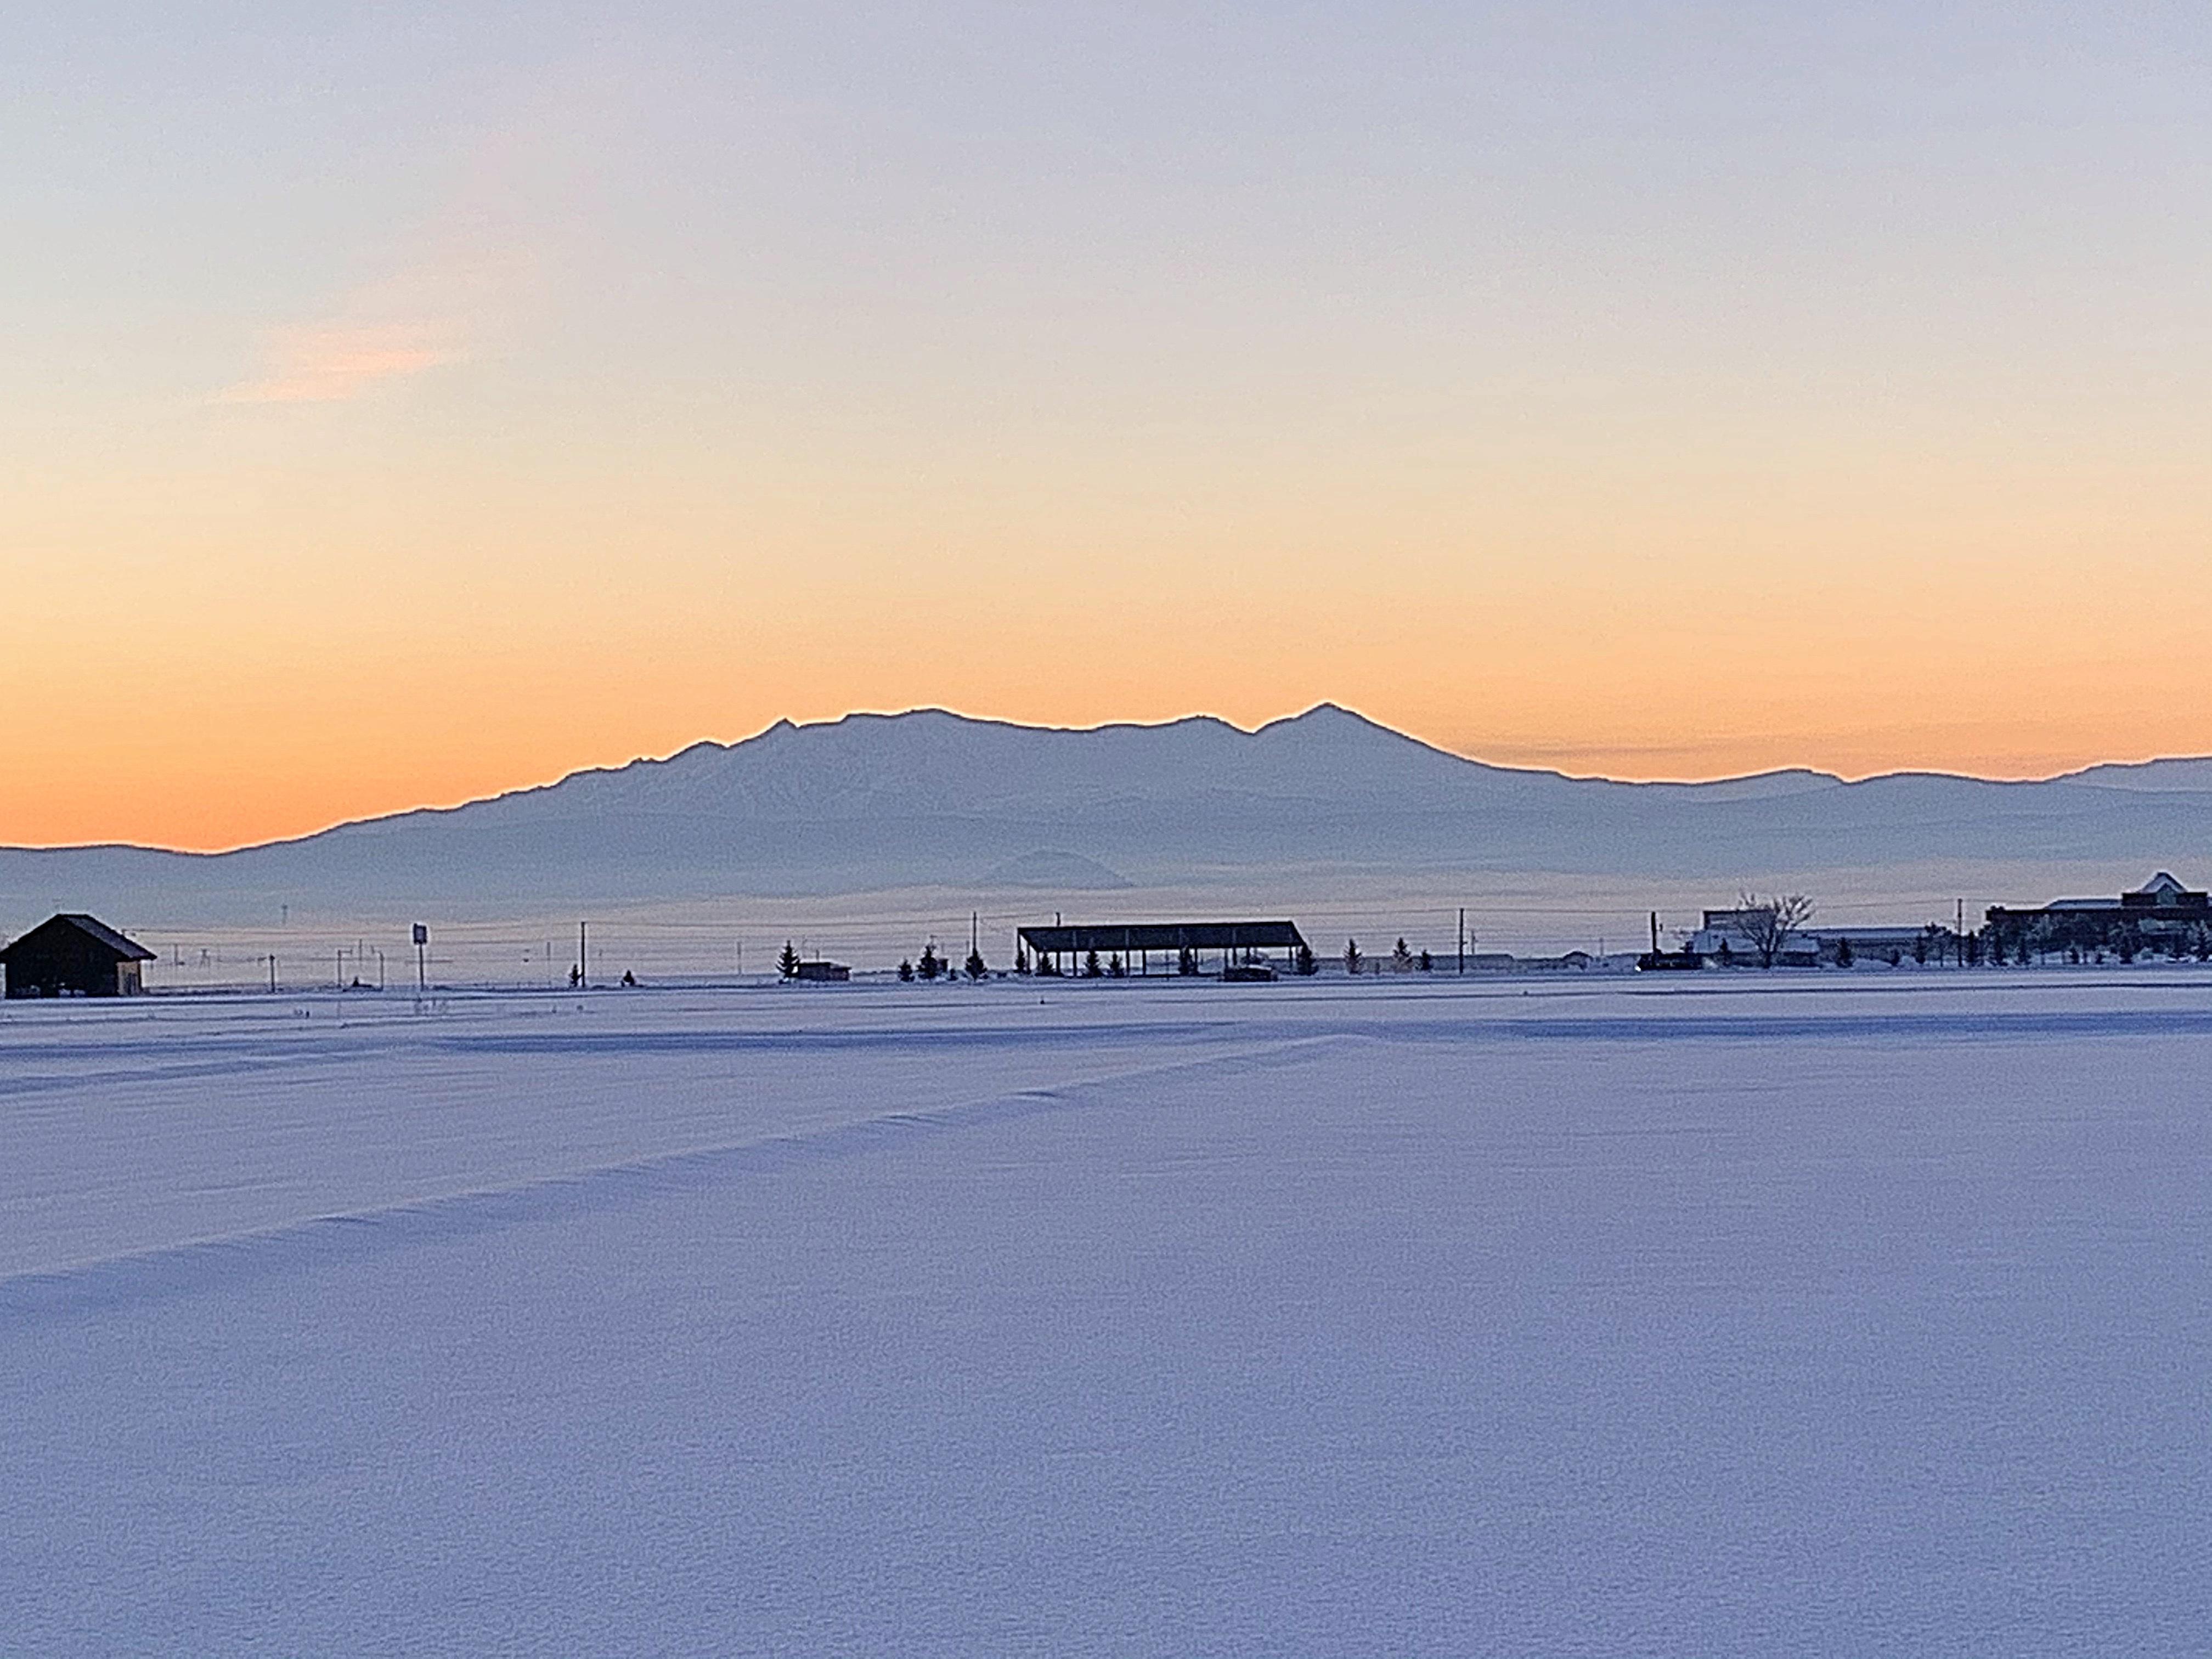 2020.1.28 AM6:45の大雪山